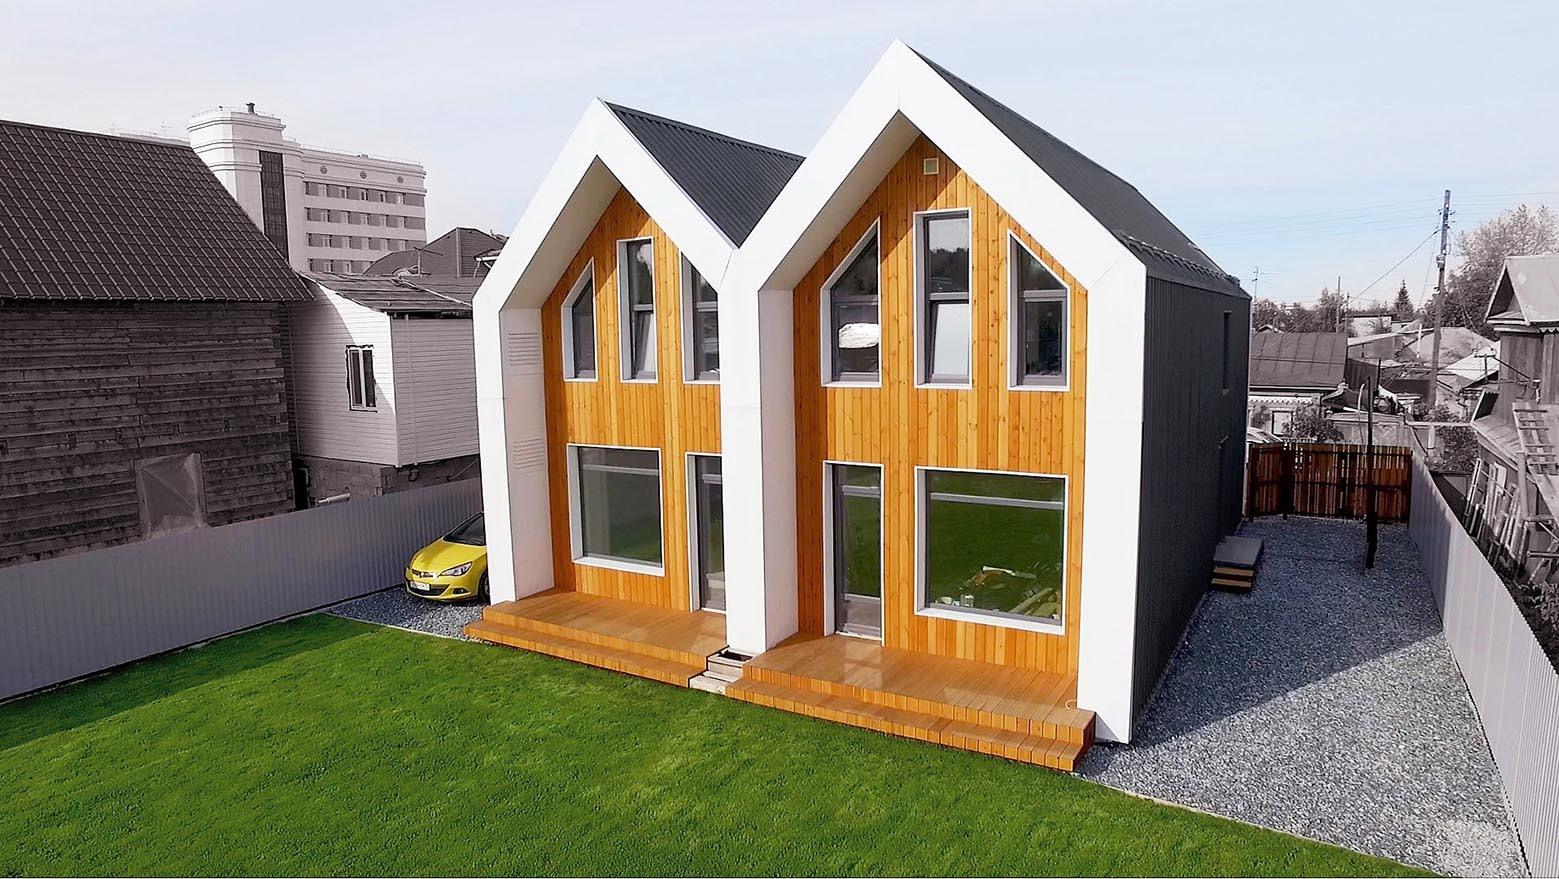 04_South_facade